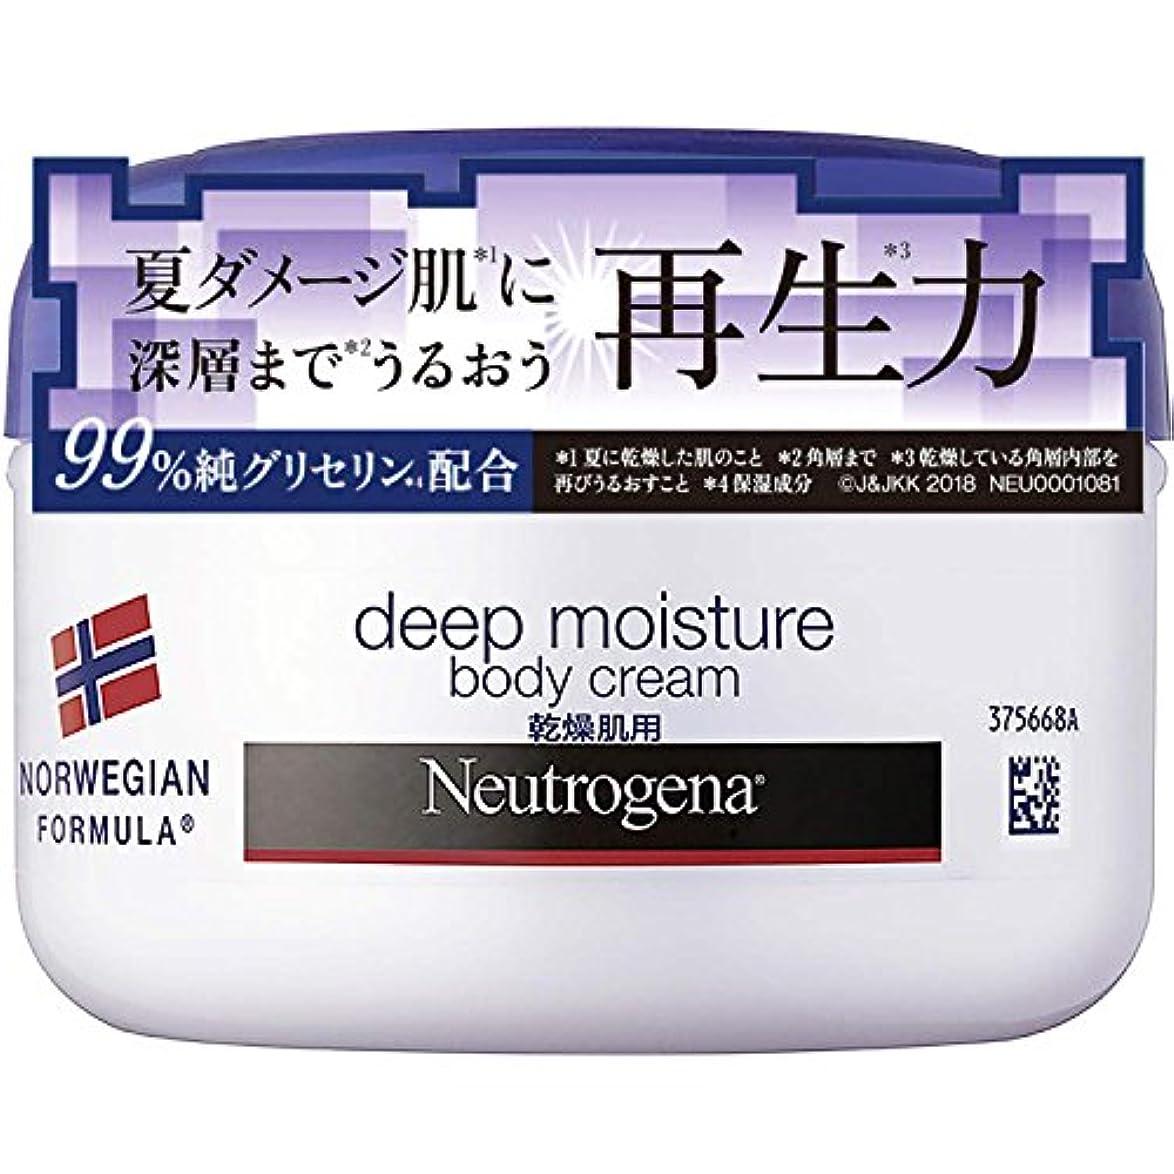 調整可能微視的テラスNeutrogena(ニュートロジーナ) ノルウェーフォーミュラ ディープモイスチャー ボディクリーム 乾燥肌用 微香性 200ml